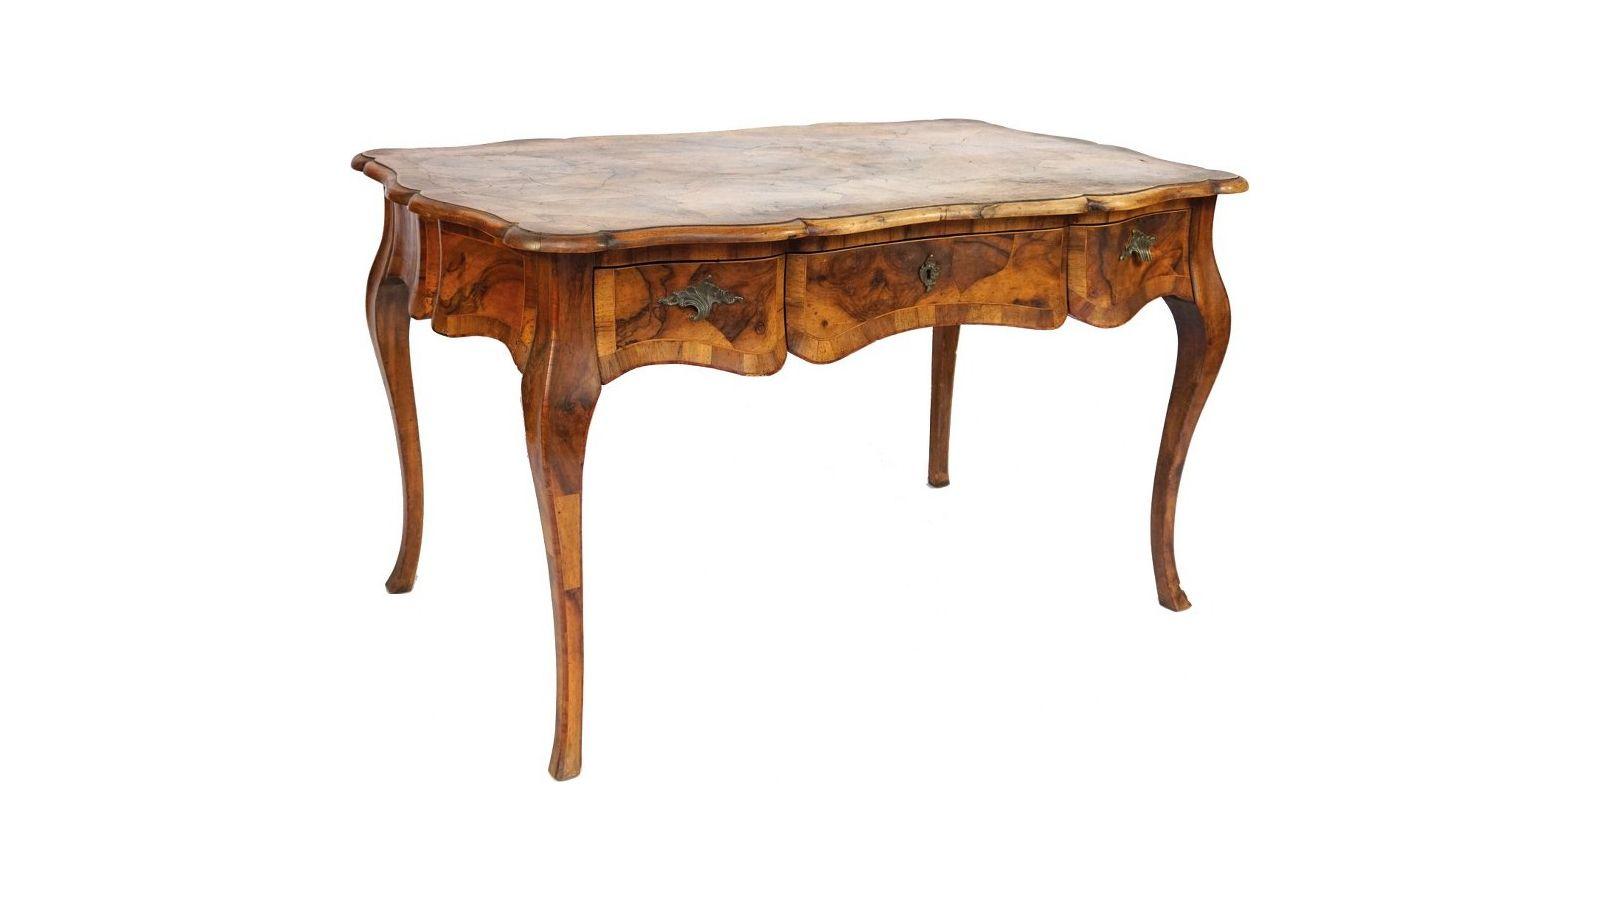 Bureau plat en marqueterie de bois de placage, de forme galbée, ouvrant à trois tiroirs en ceinture.